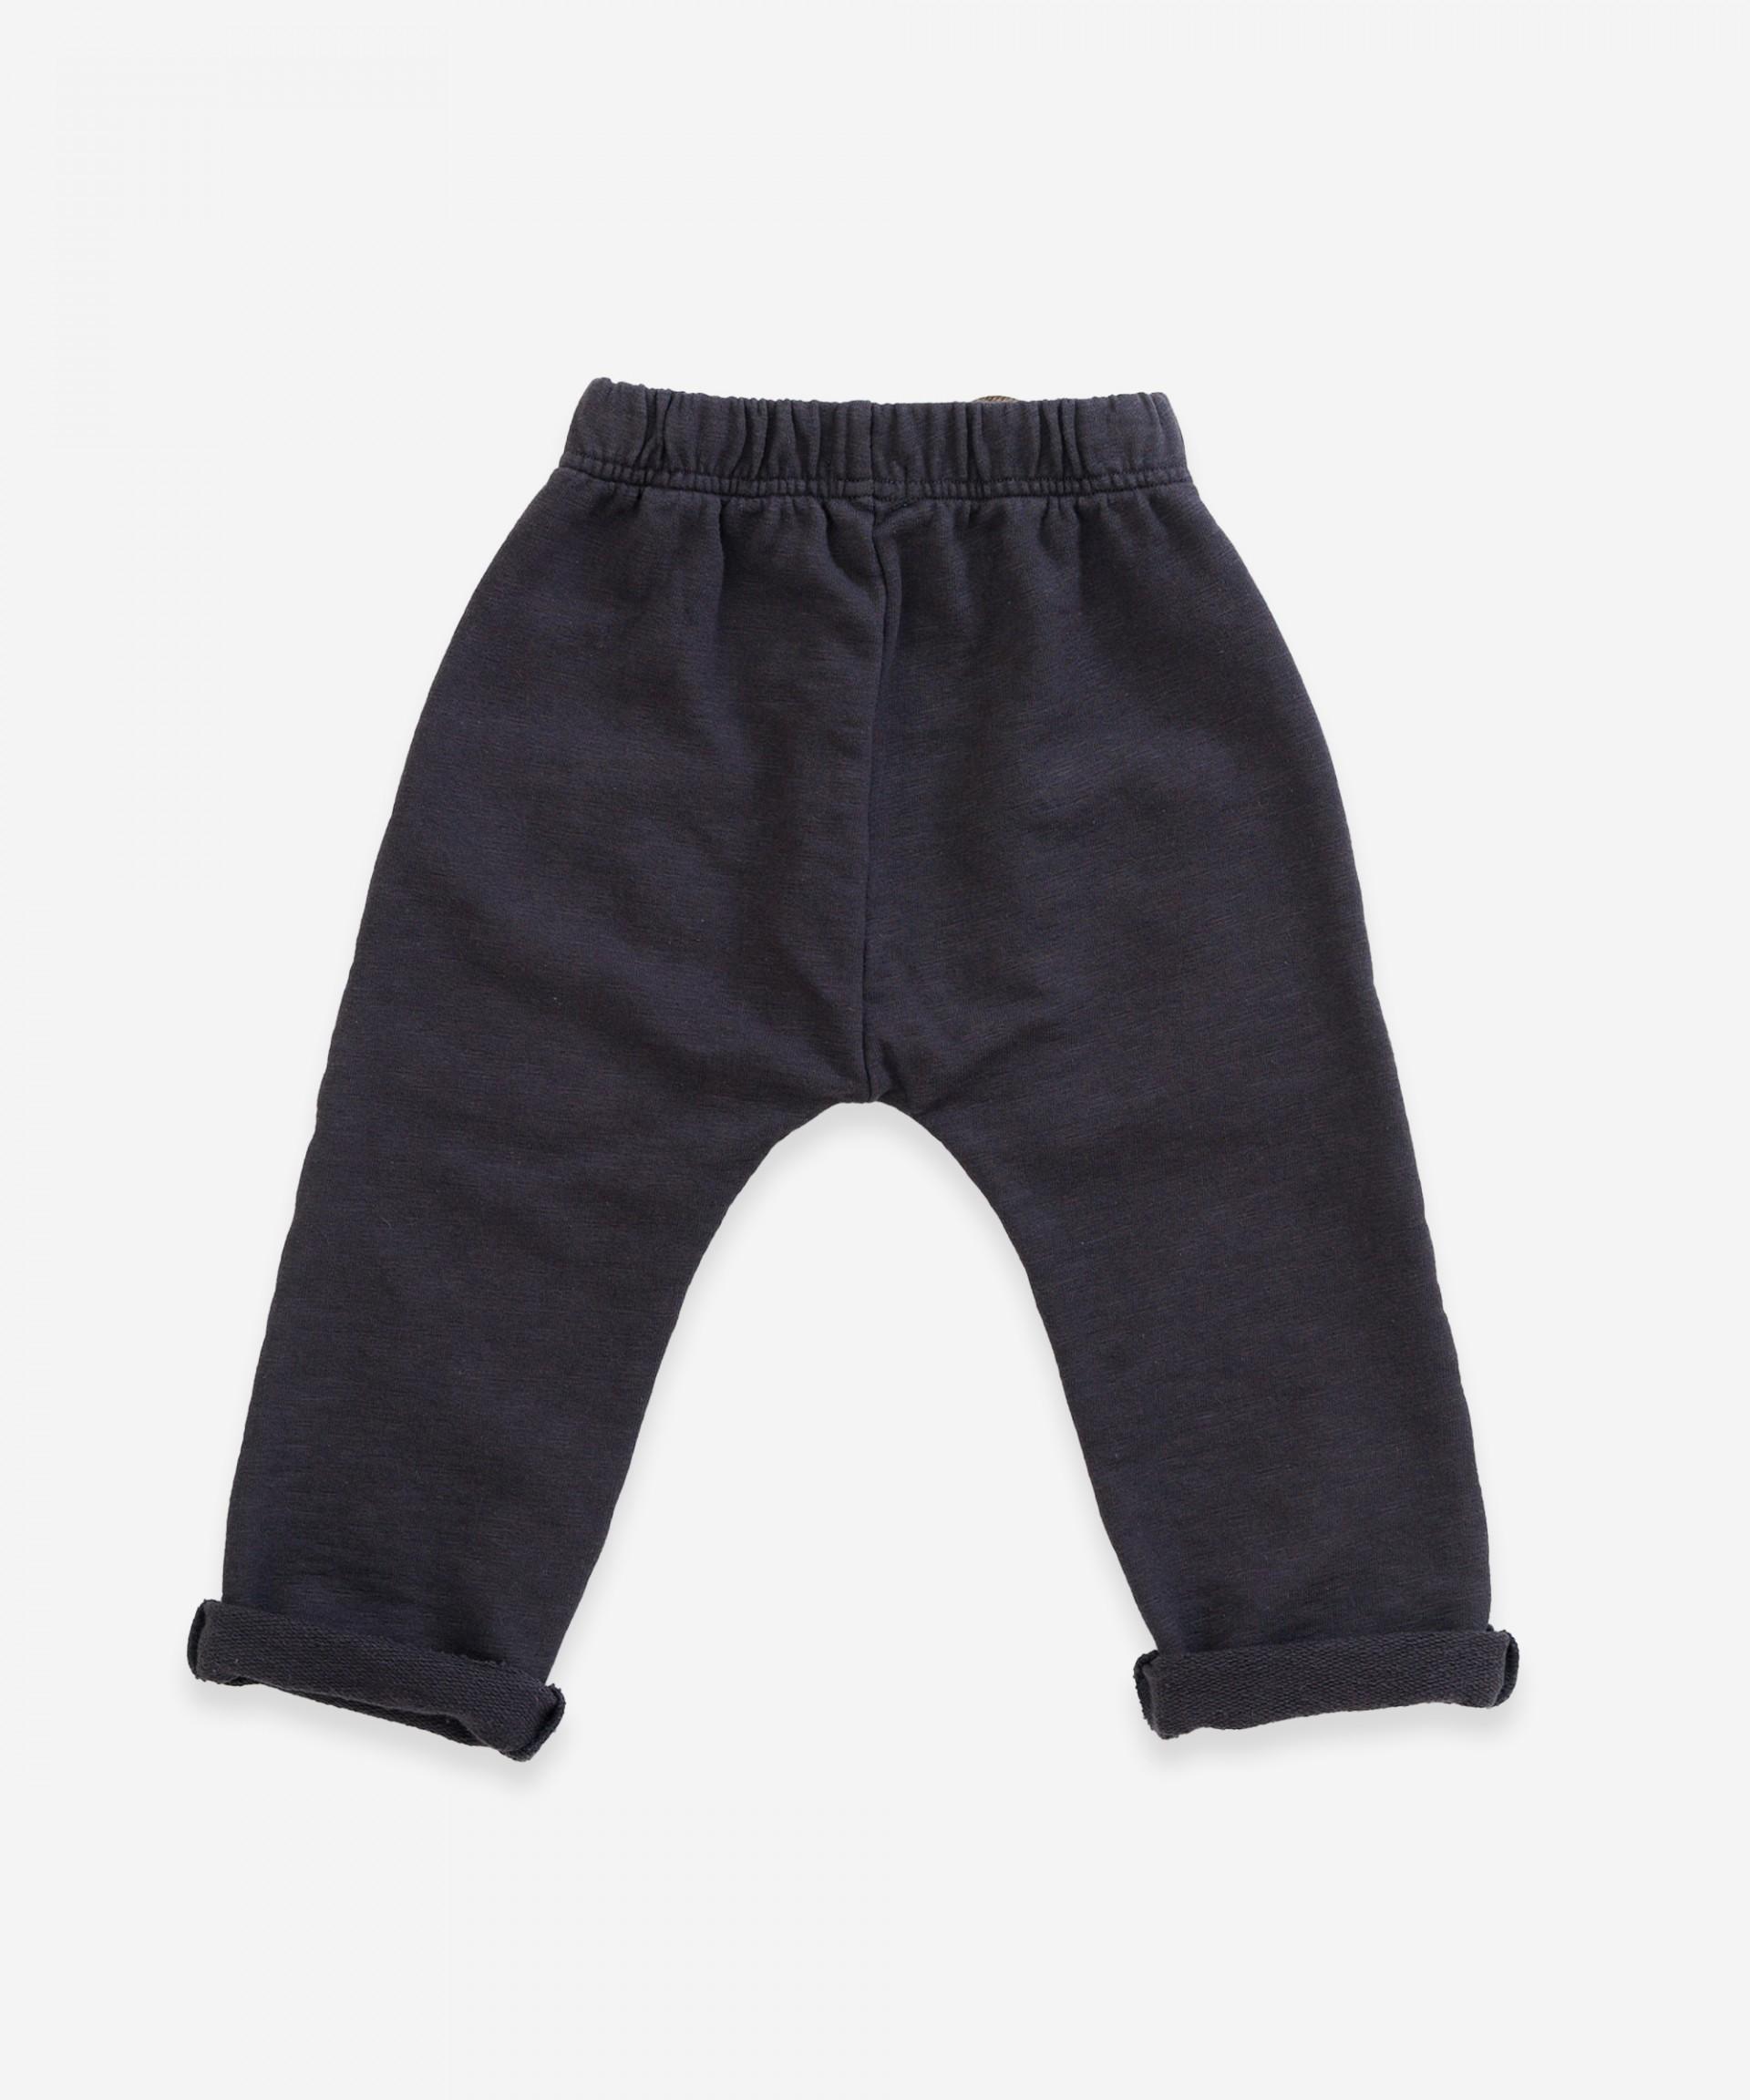 Pantalón de algodón orgánico con bolsillos| Weaving